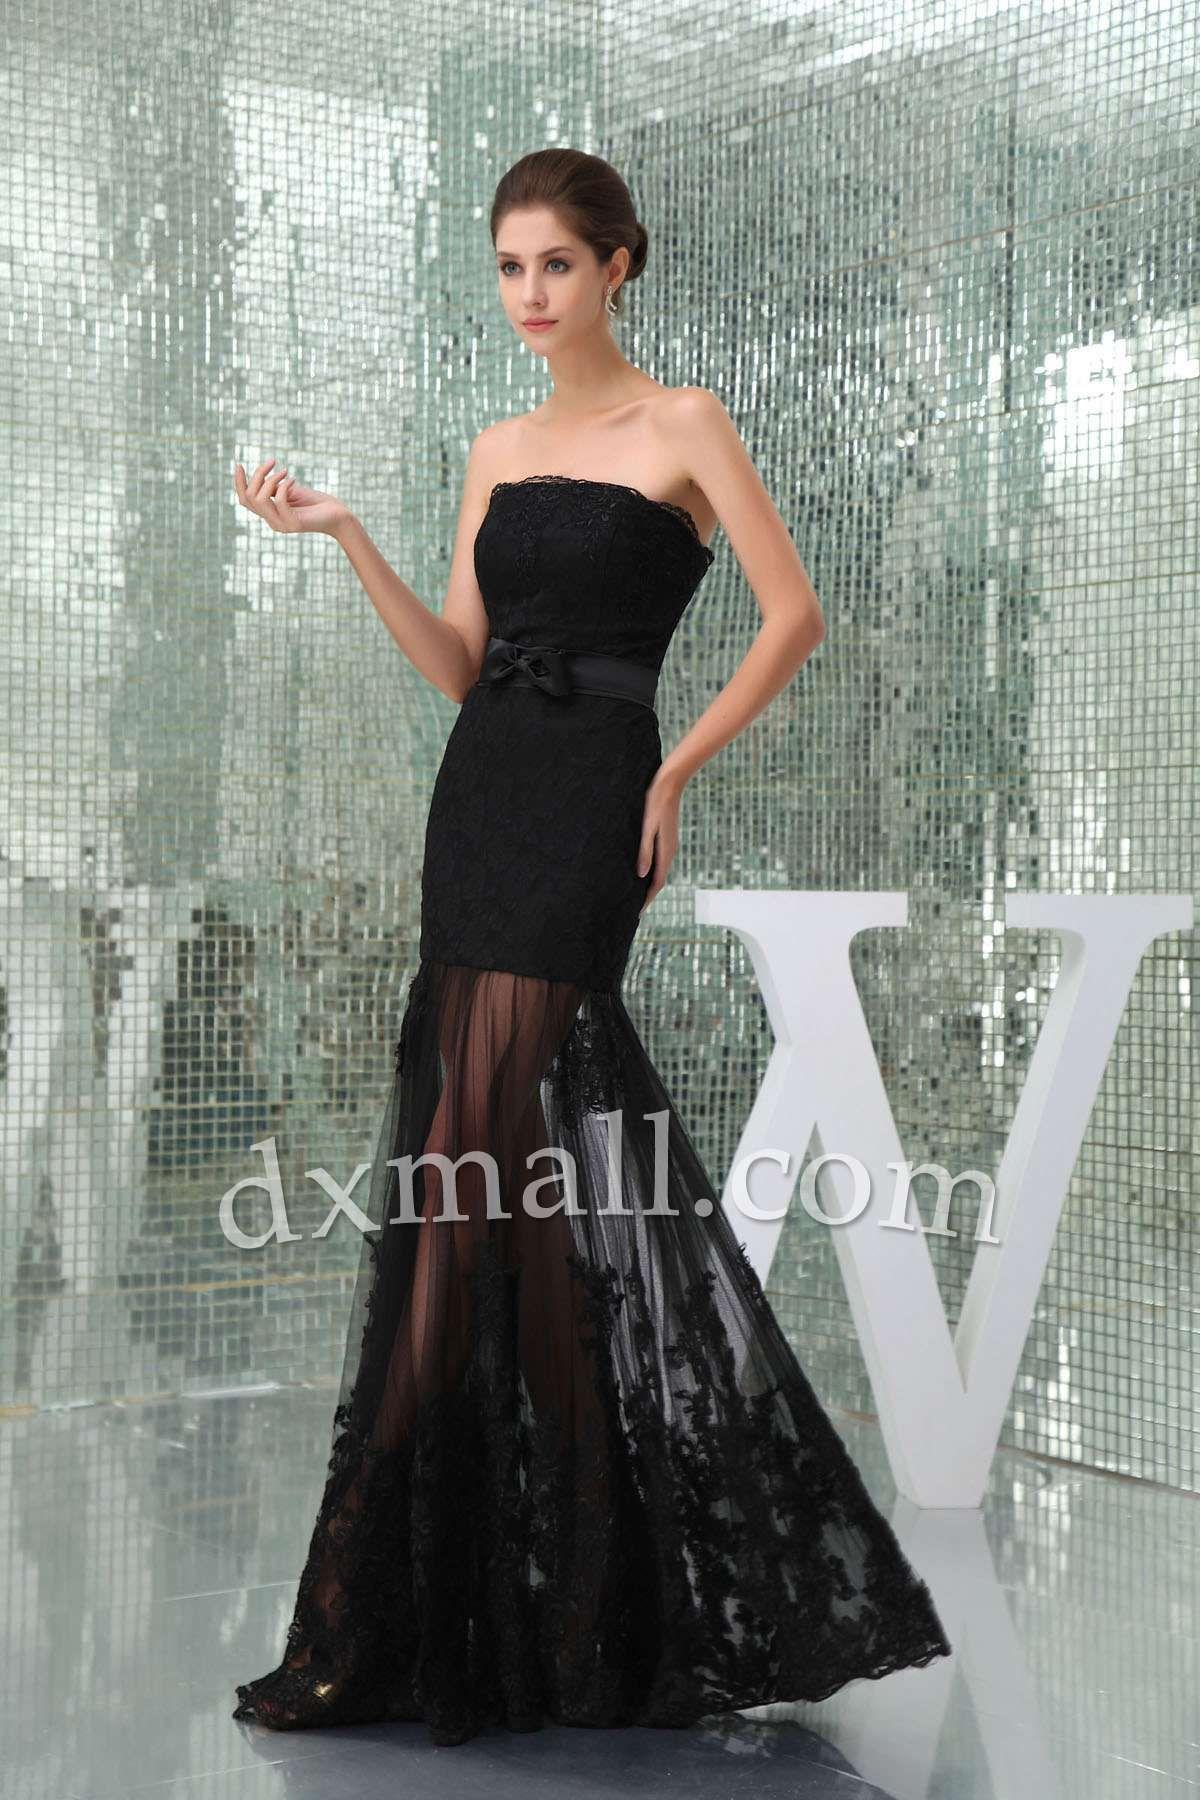 Sheathcolumn winter formal dresses strapless floor length satin